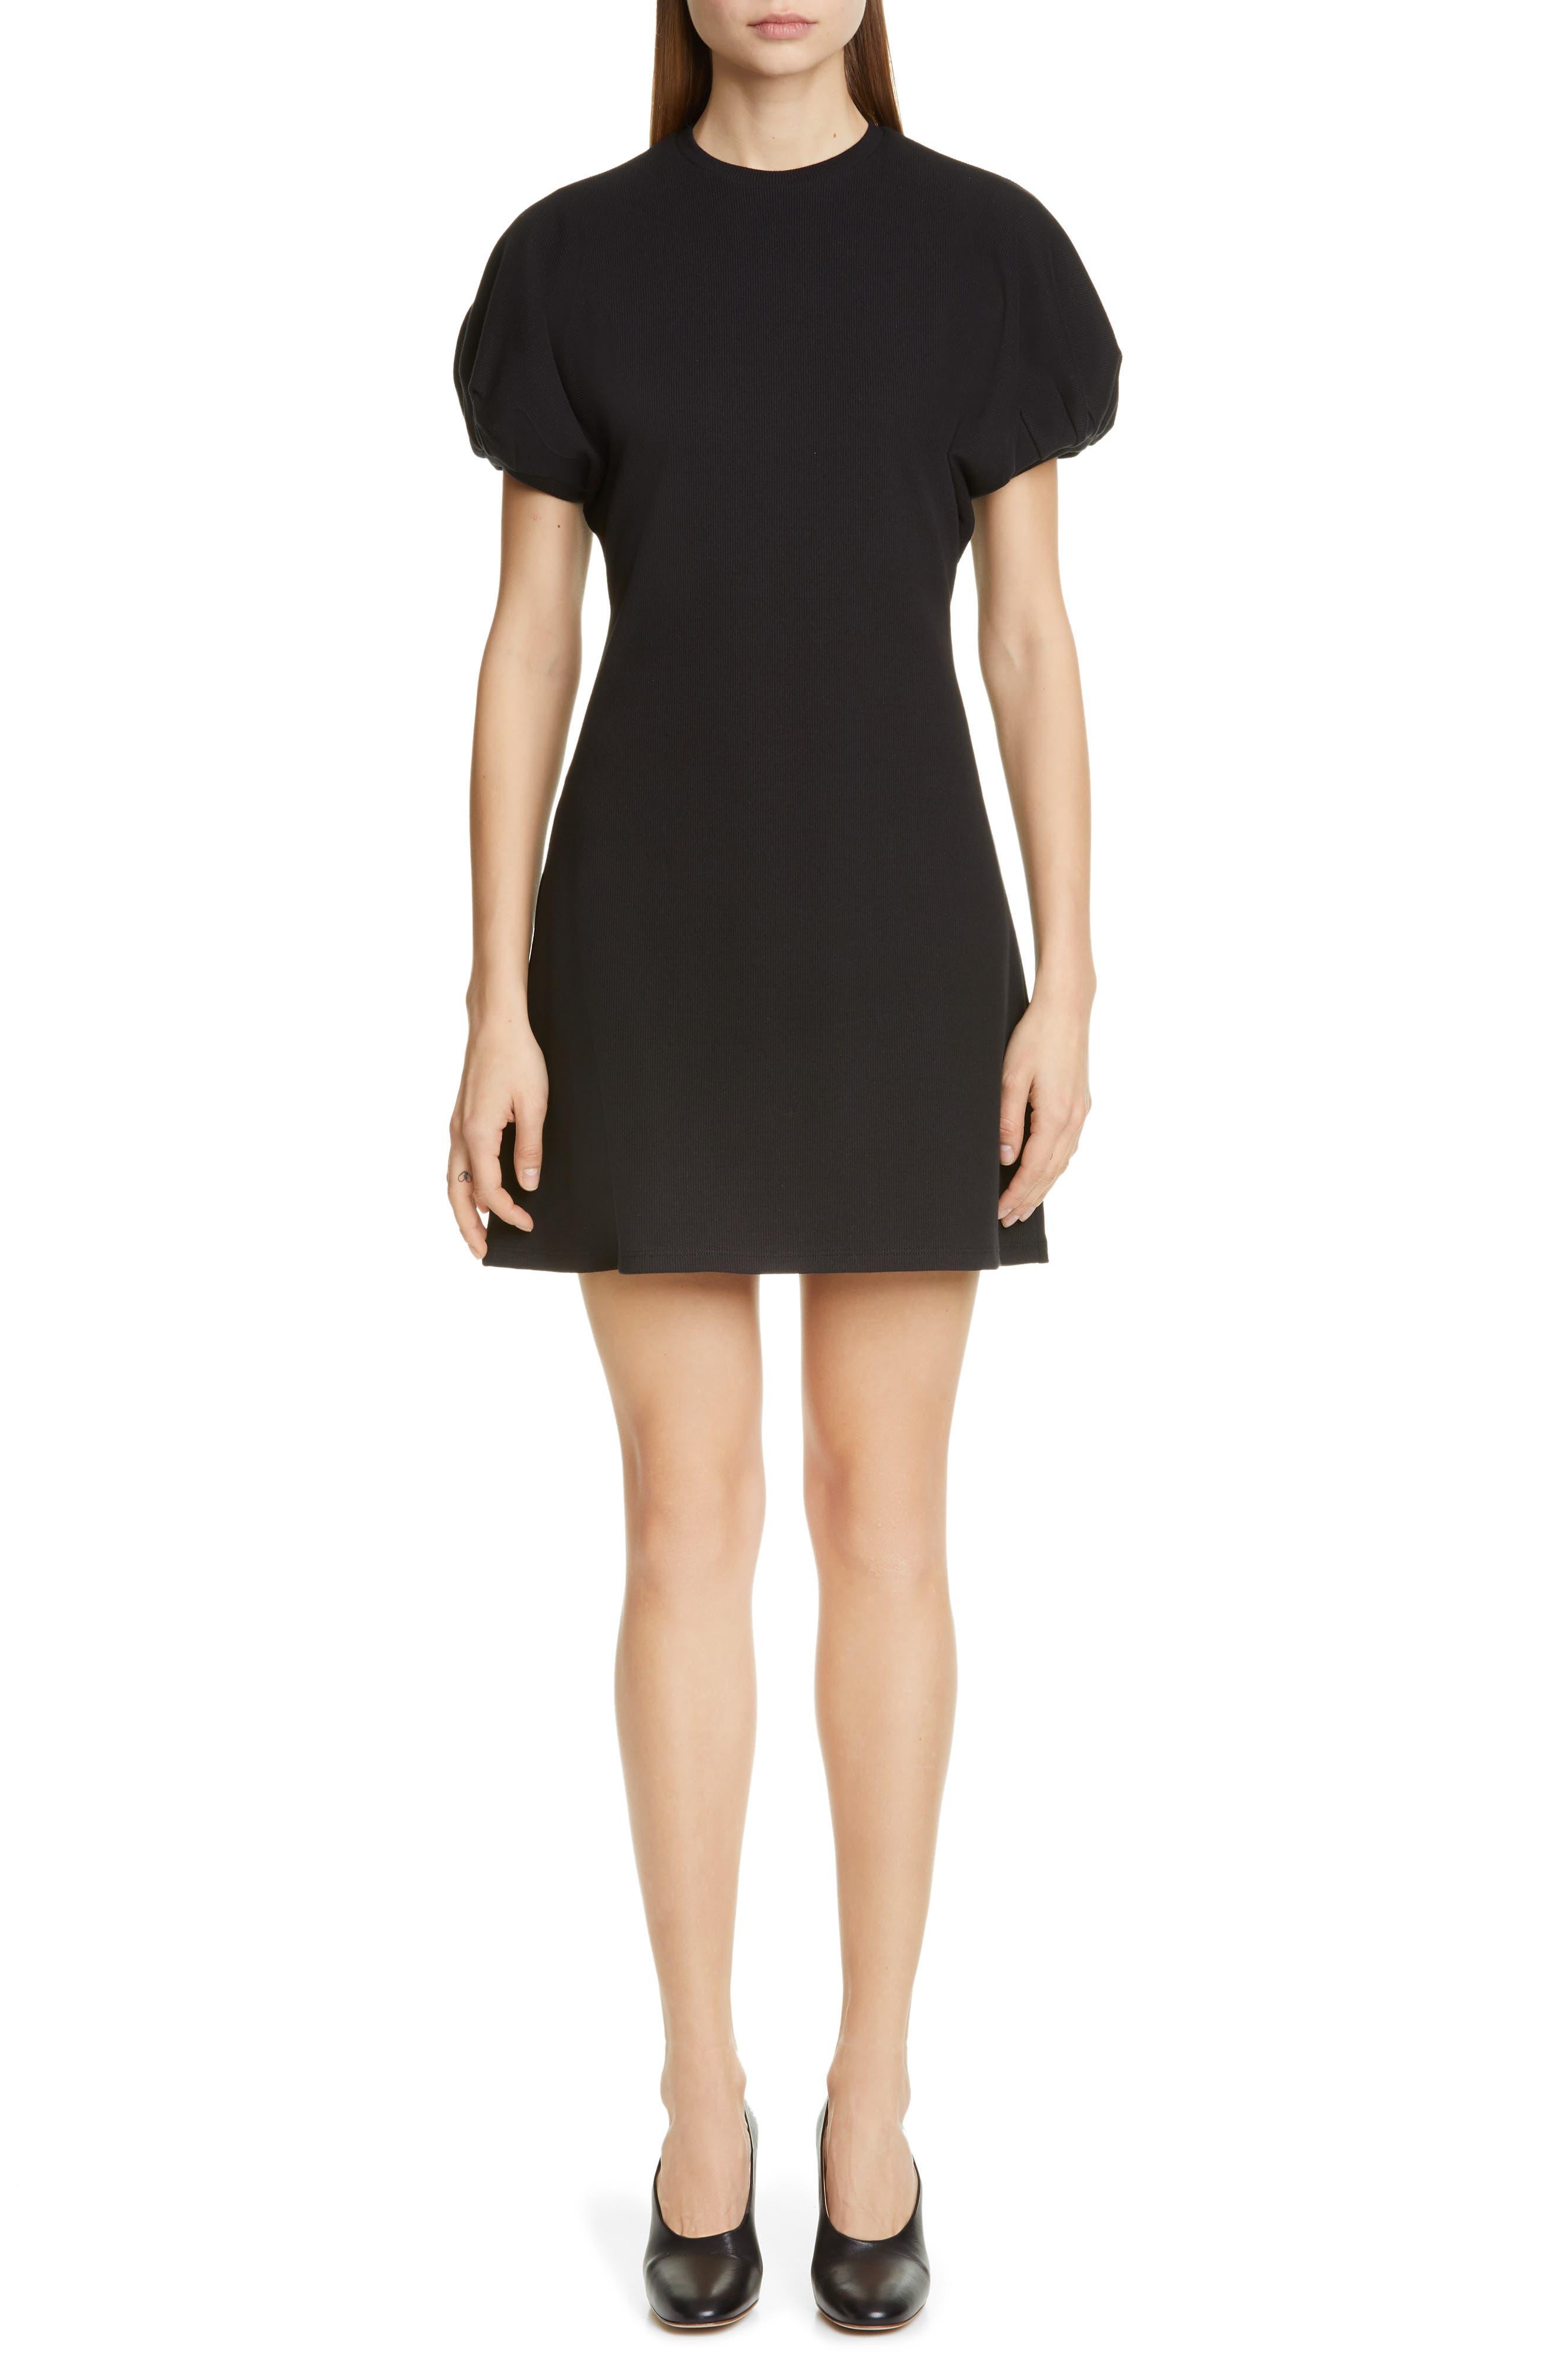 BEAUFILLE, Leda Puff Sleeve Dress, Main thumbnail 1, color, BLACK